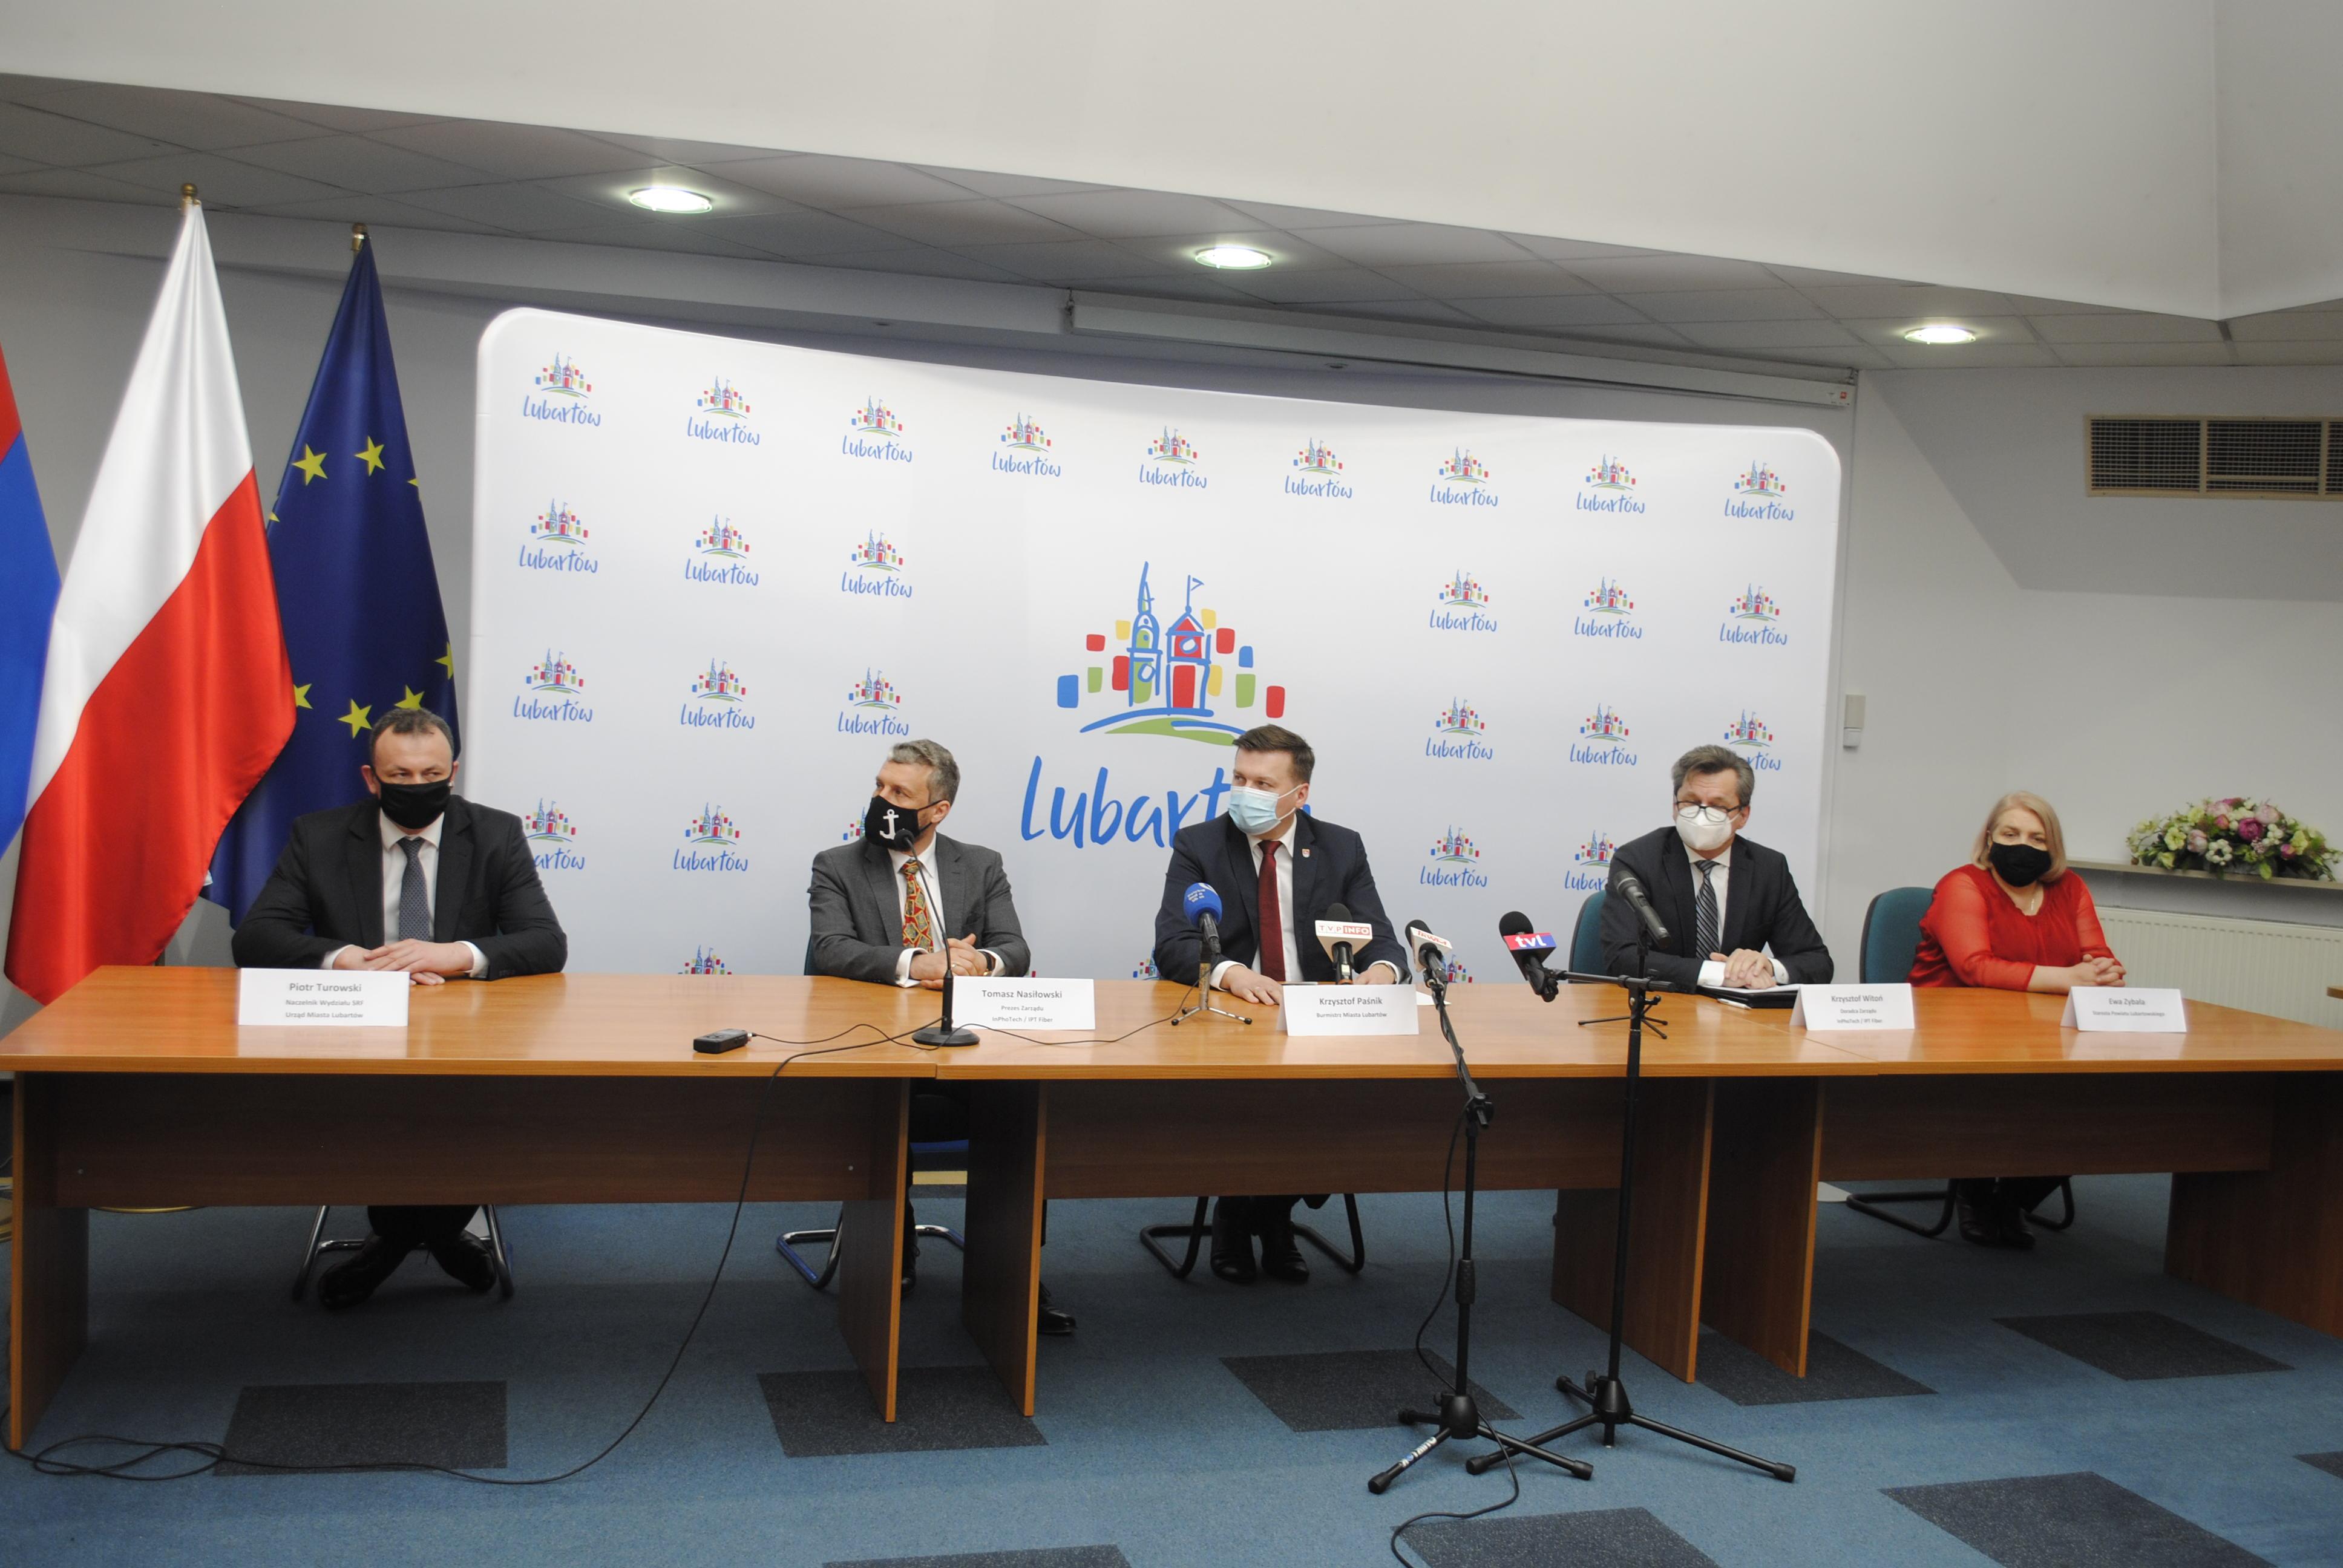 W Lubartowie będą robić światłowody. Miasto podpisało umowę z firmą IPT Fiber  - Zdjęcie główne